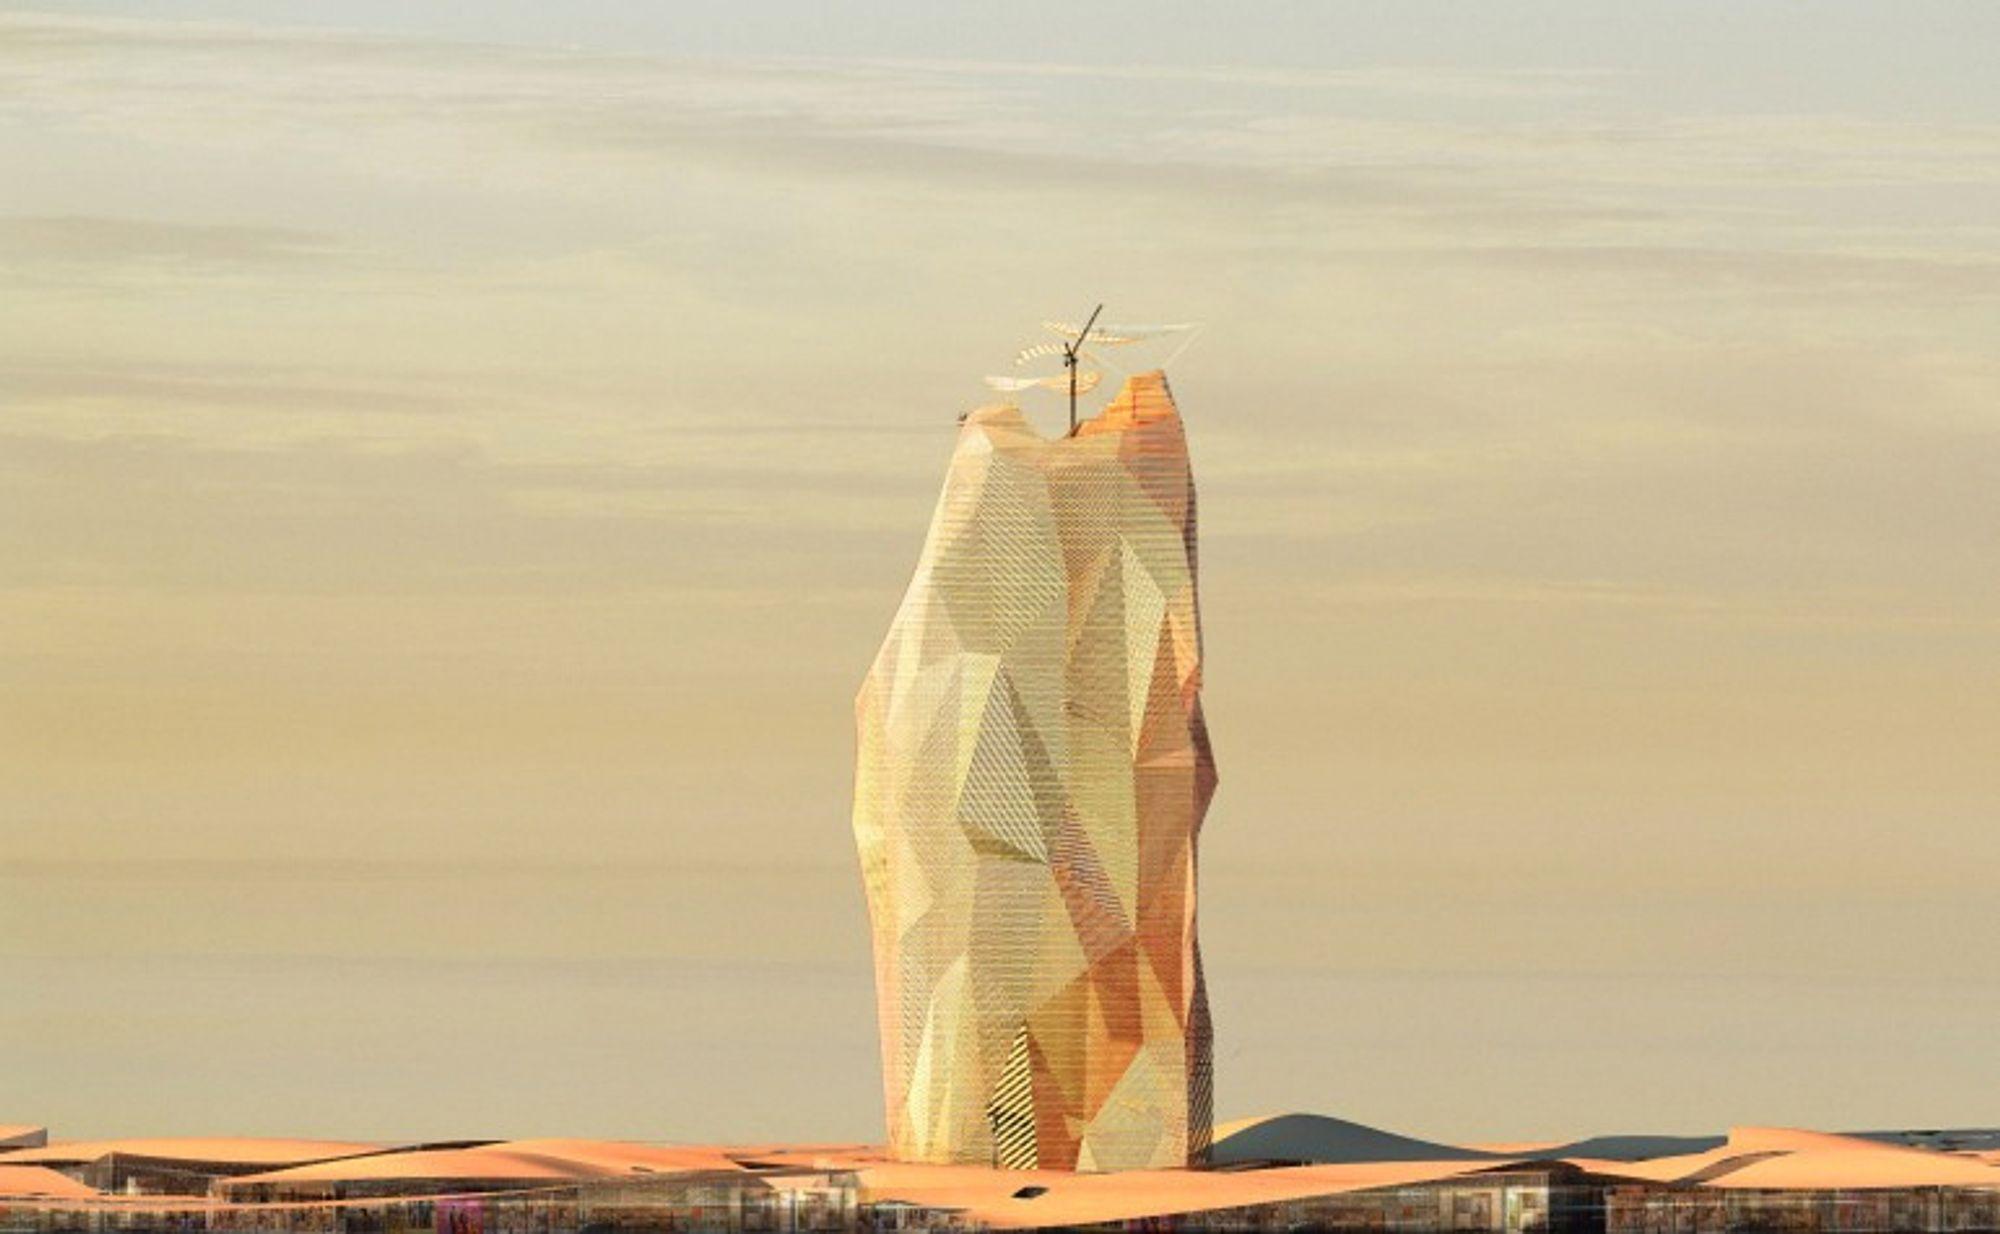 City Sand Tower er en vertikal økoby, tegnet av OXO Architectes.